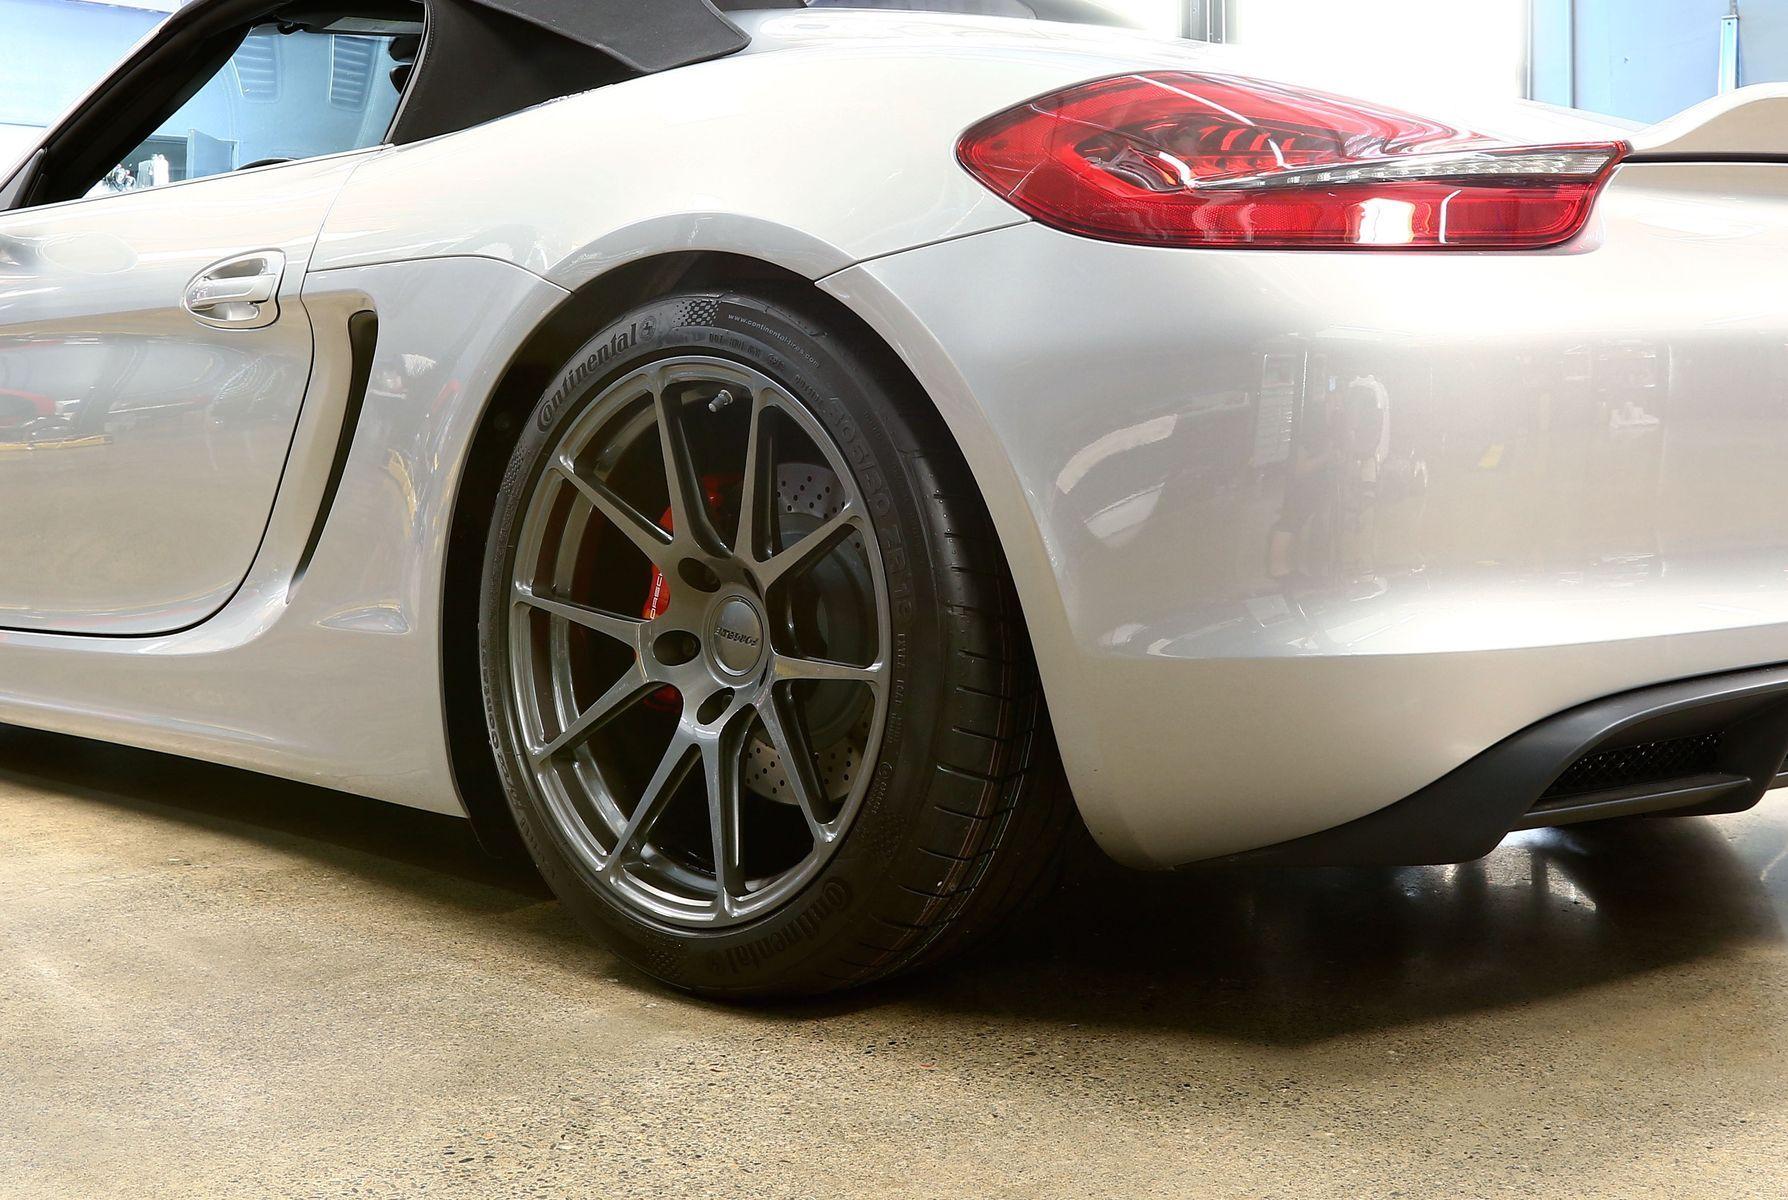 2016 Porsche Boxster | BBi Autosport StreetCup Porsche Boxster Spyder on Forgeline One Piece Forged Monoblock GA1R Wheels